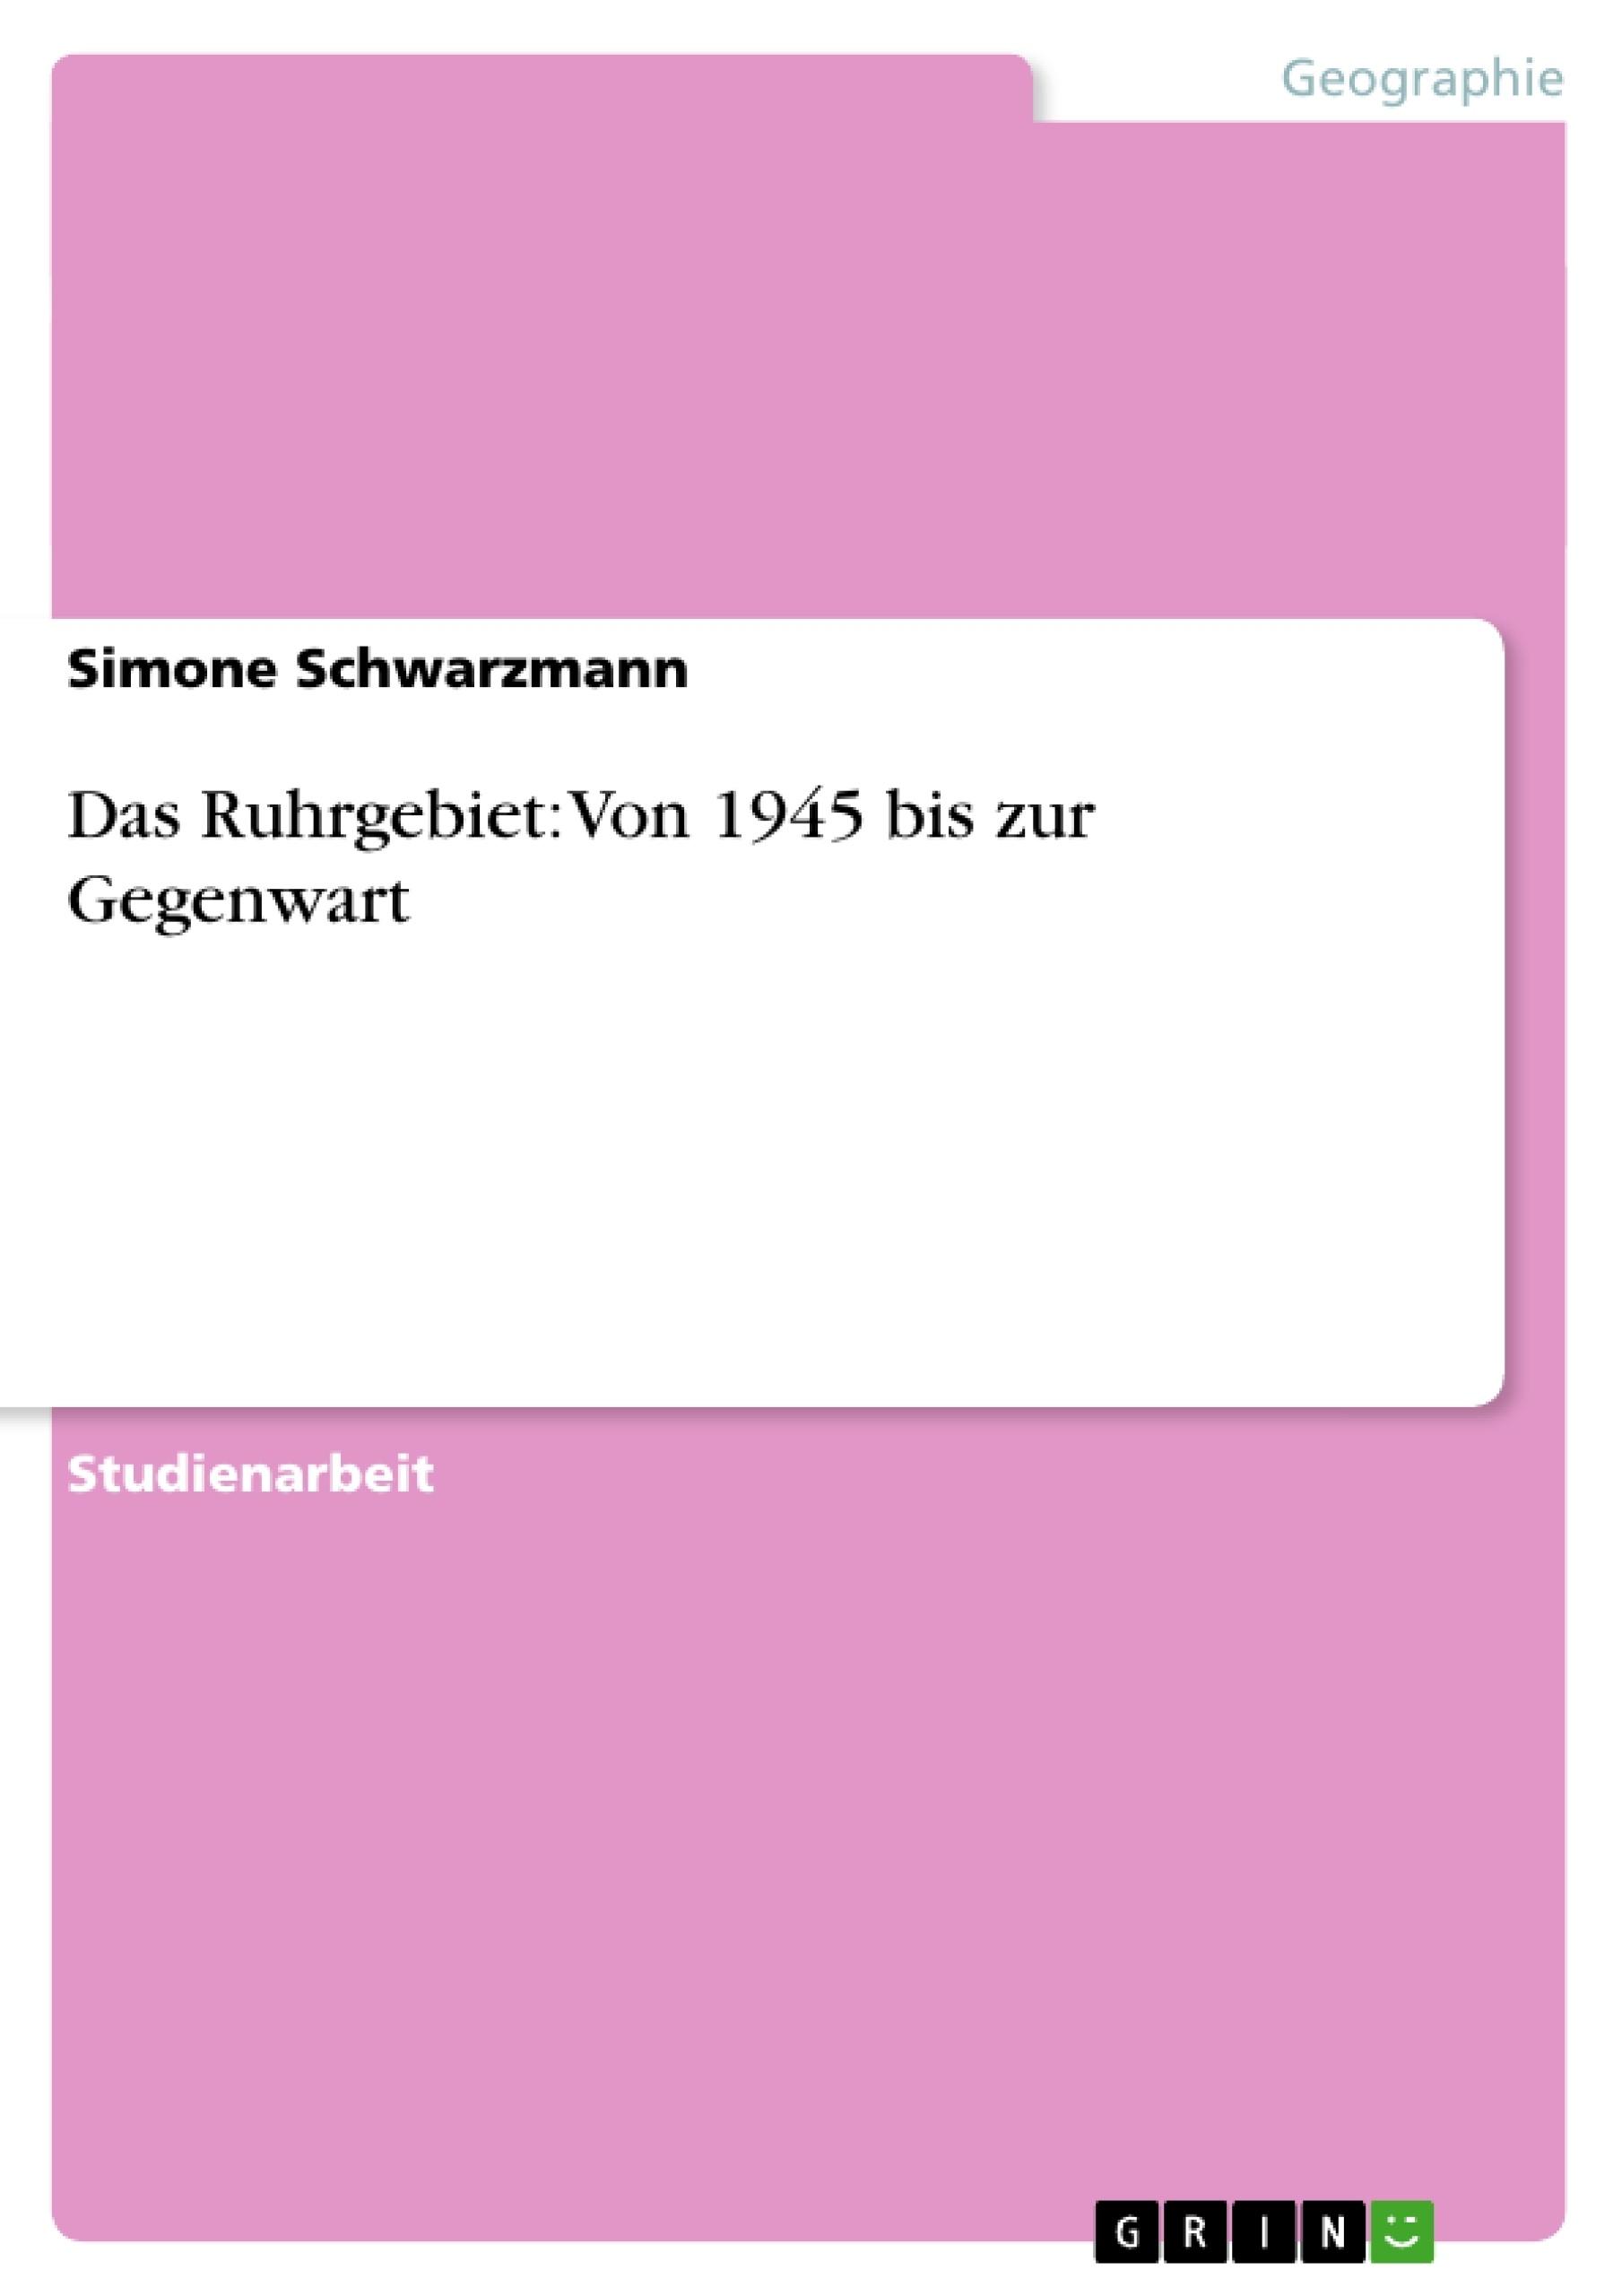 Titel: Das Ruhrgebiet: Von 1945 bis zur Gegenwart